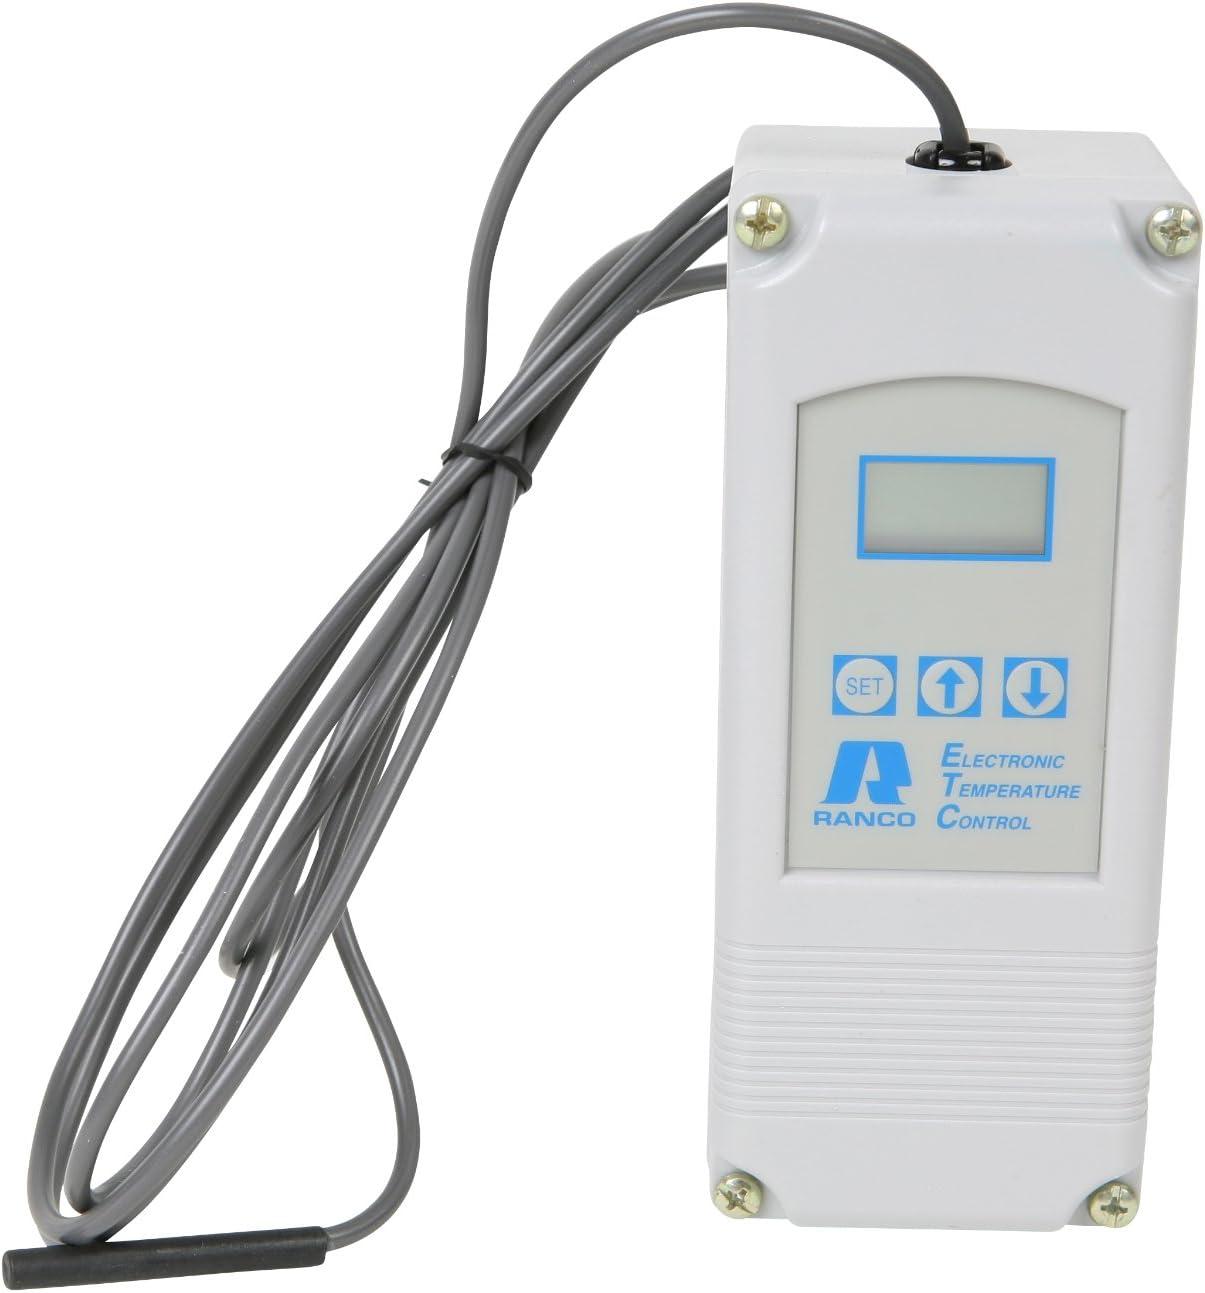 Miscハードウェアetc111000000温度制御